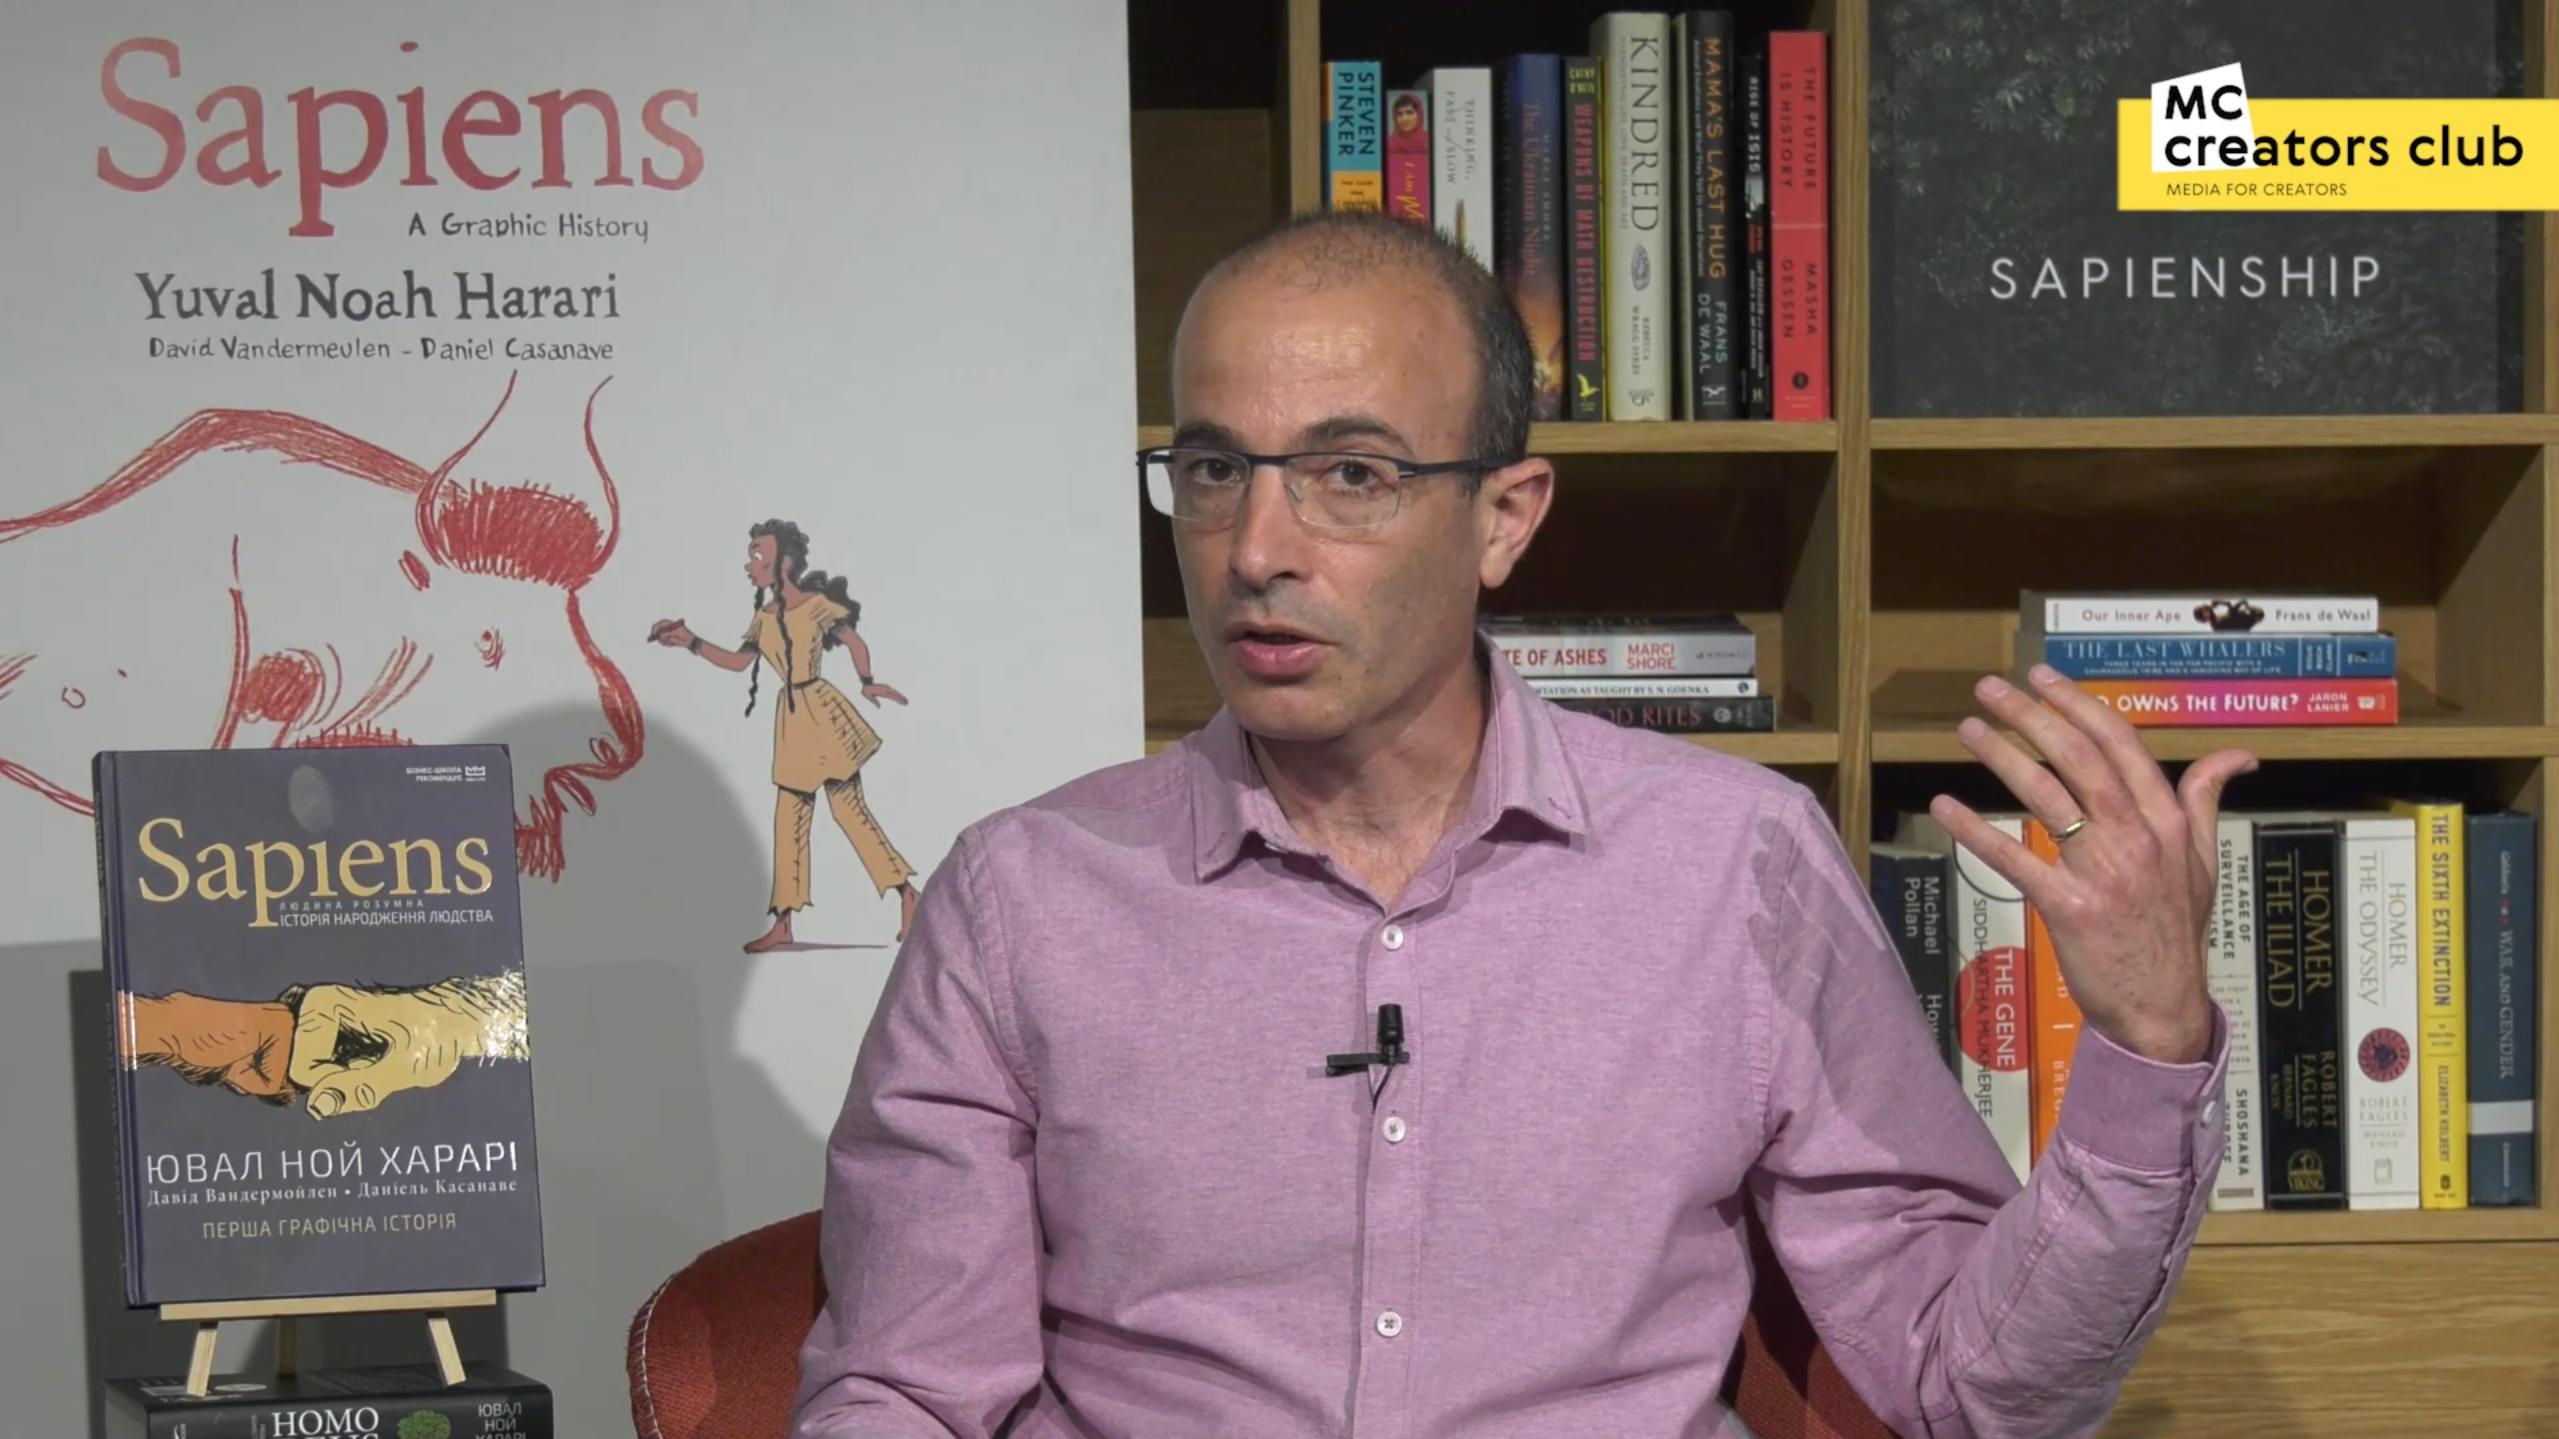 Юваль Ной Харари: как выжить в будущем. Интервью для MC.today